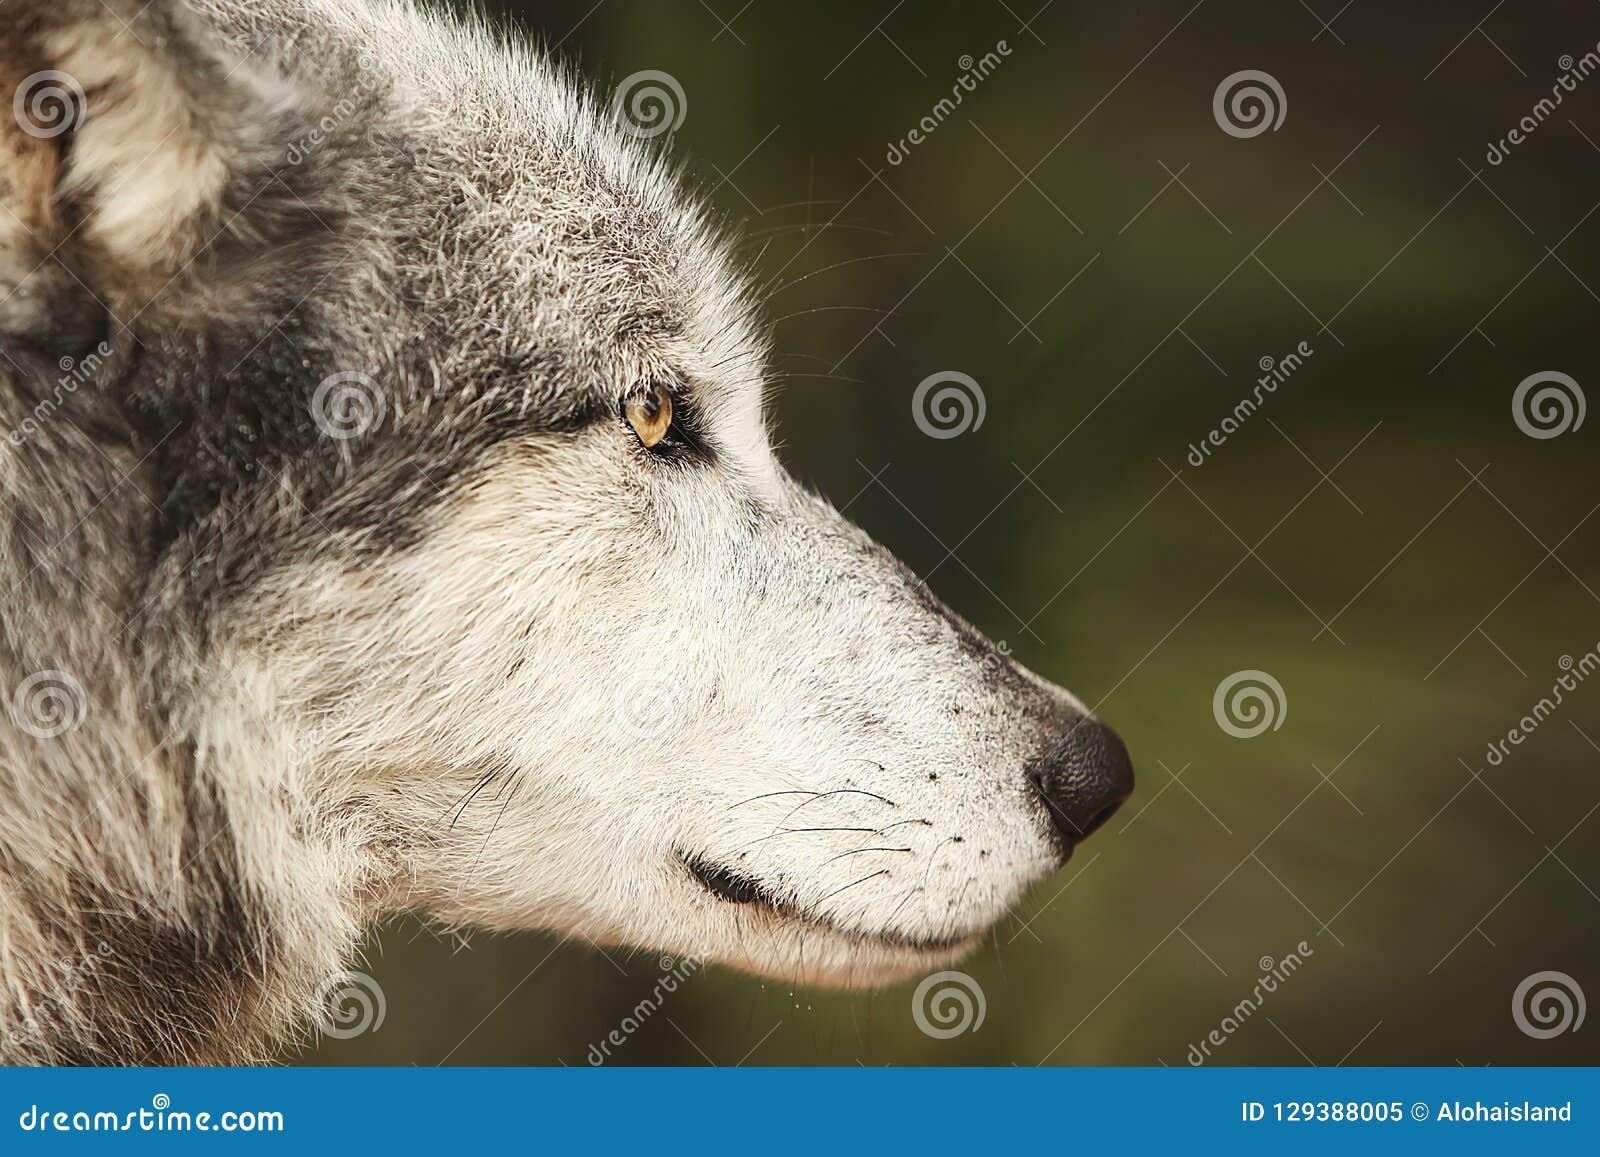 Bakgrund för Digitalt fotografi av Grey Wolf Profile